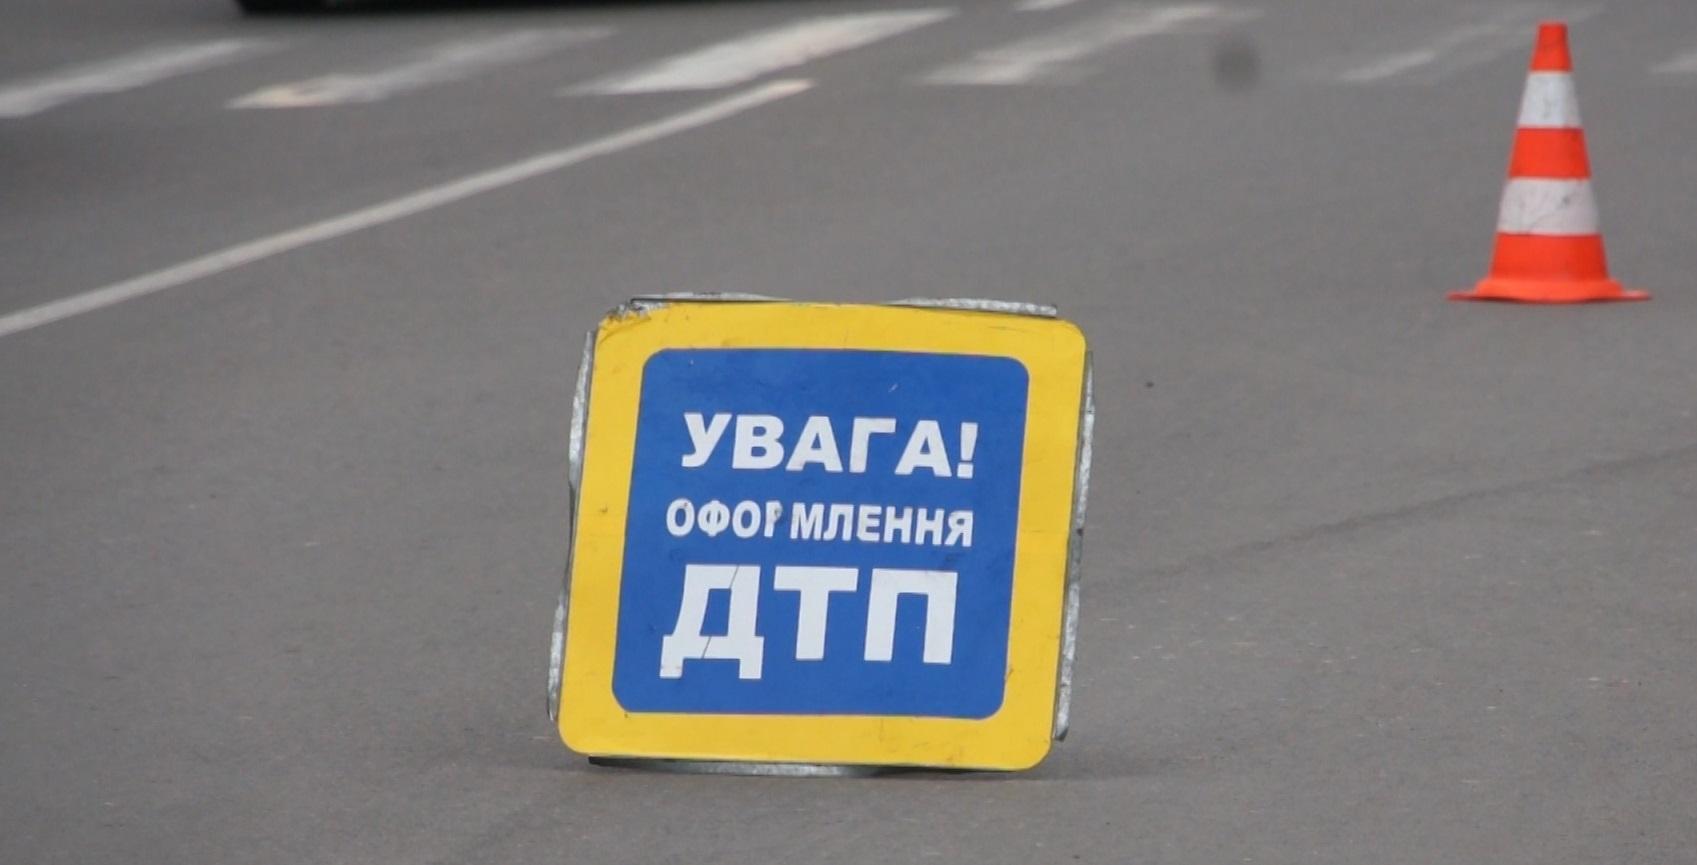 Зіткнувся з парканом: в ДТП на Броварщині загинув водій - Погреби, ДТП, Броварський відділ поліції - DTP2